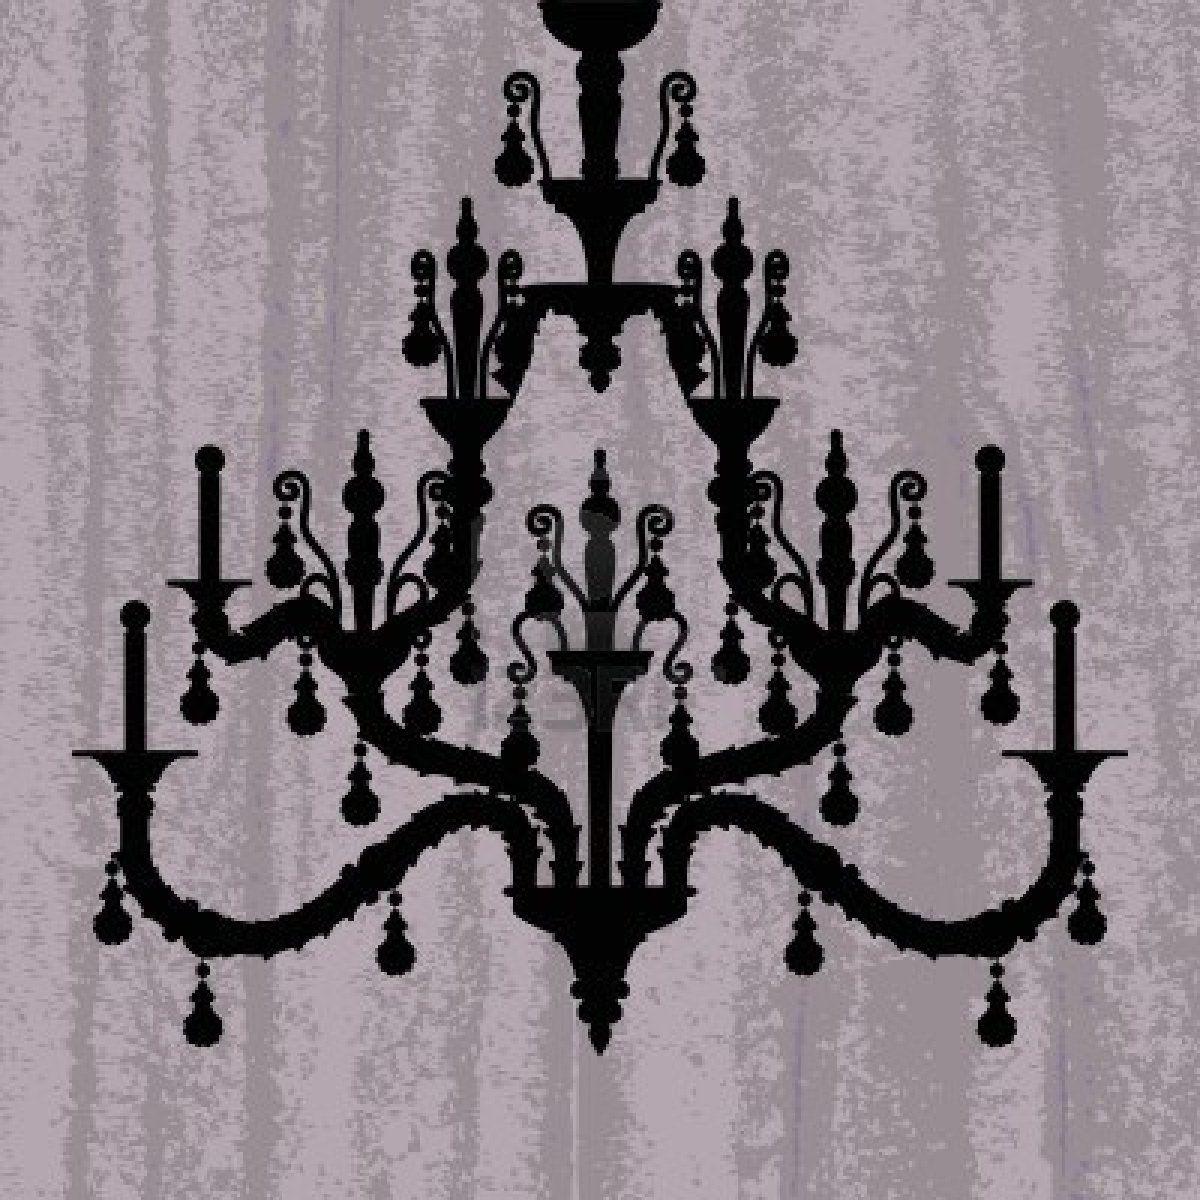 16132859-silueta-de-la-lampara-de-lujo-en-un-papel-pintado-rayado ...